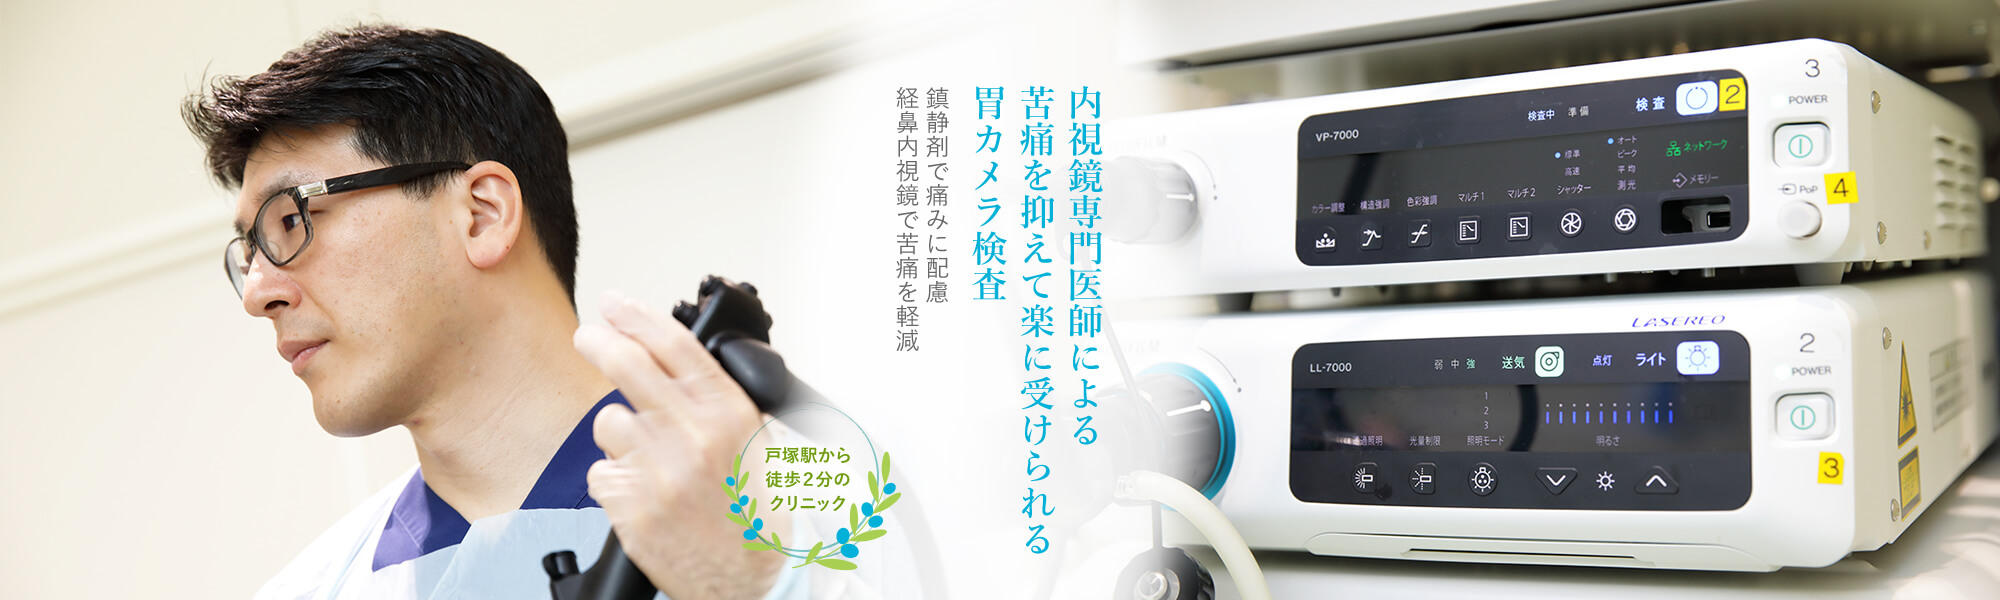 内視鏡専門医師による苦痛を抑えて楽に受けられる胃カメラ検査